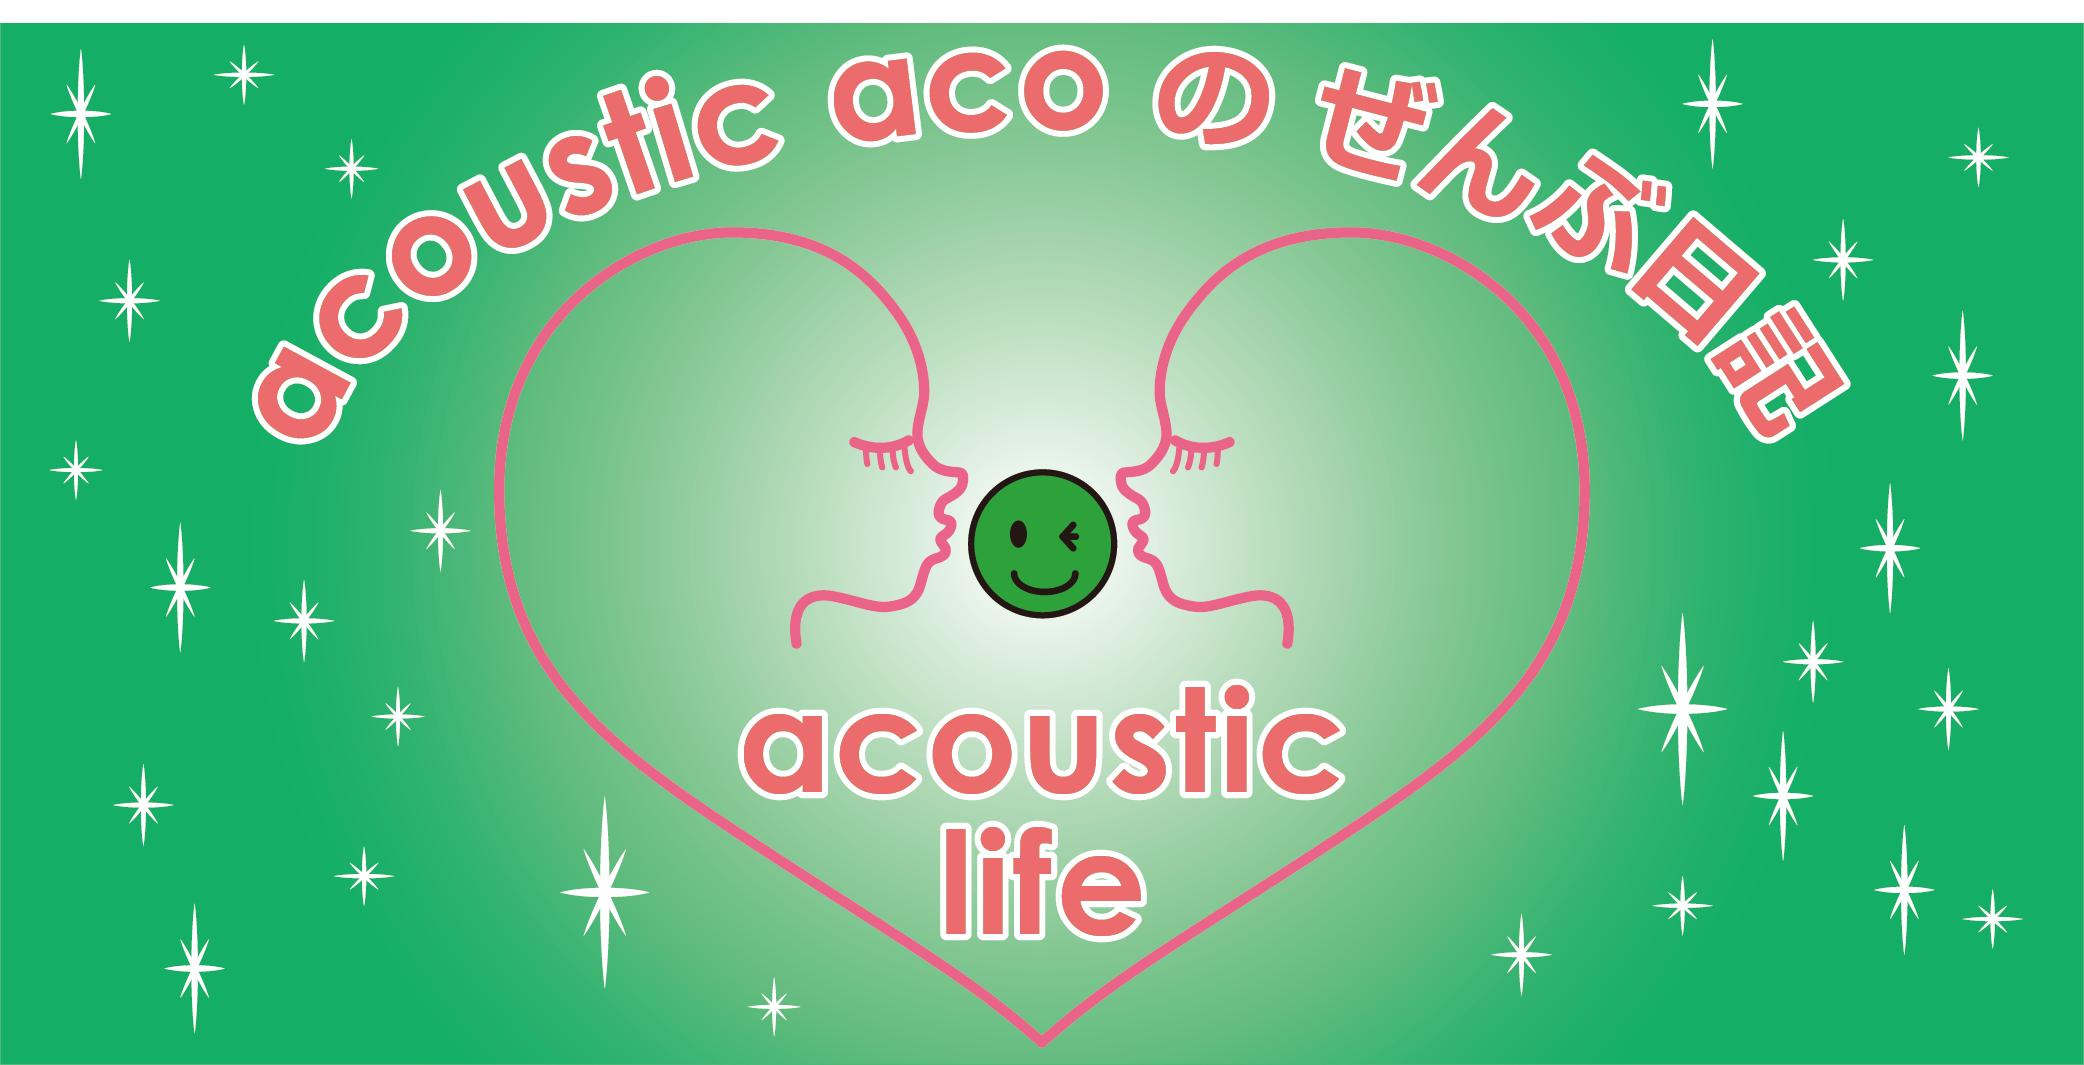 acoustic acoのぜんぶ日記